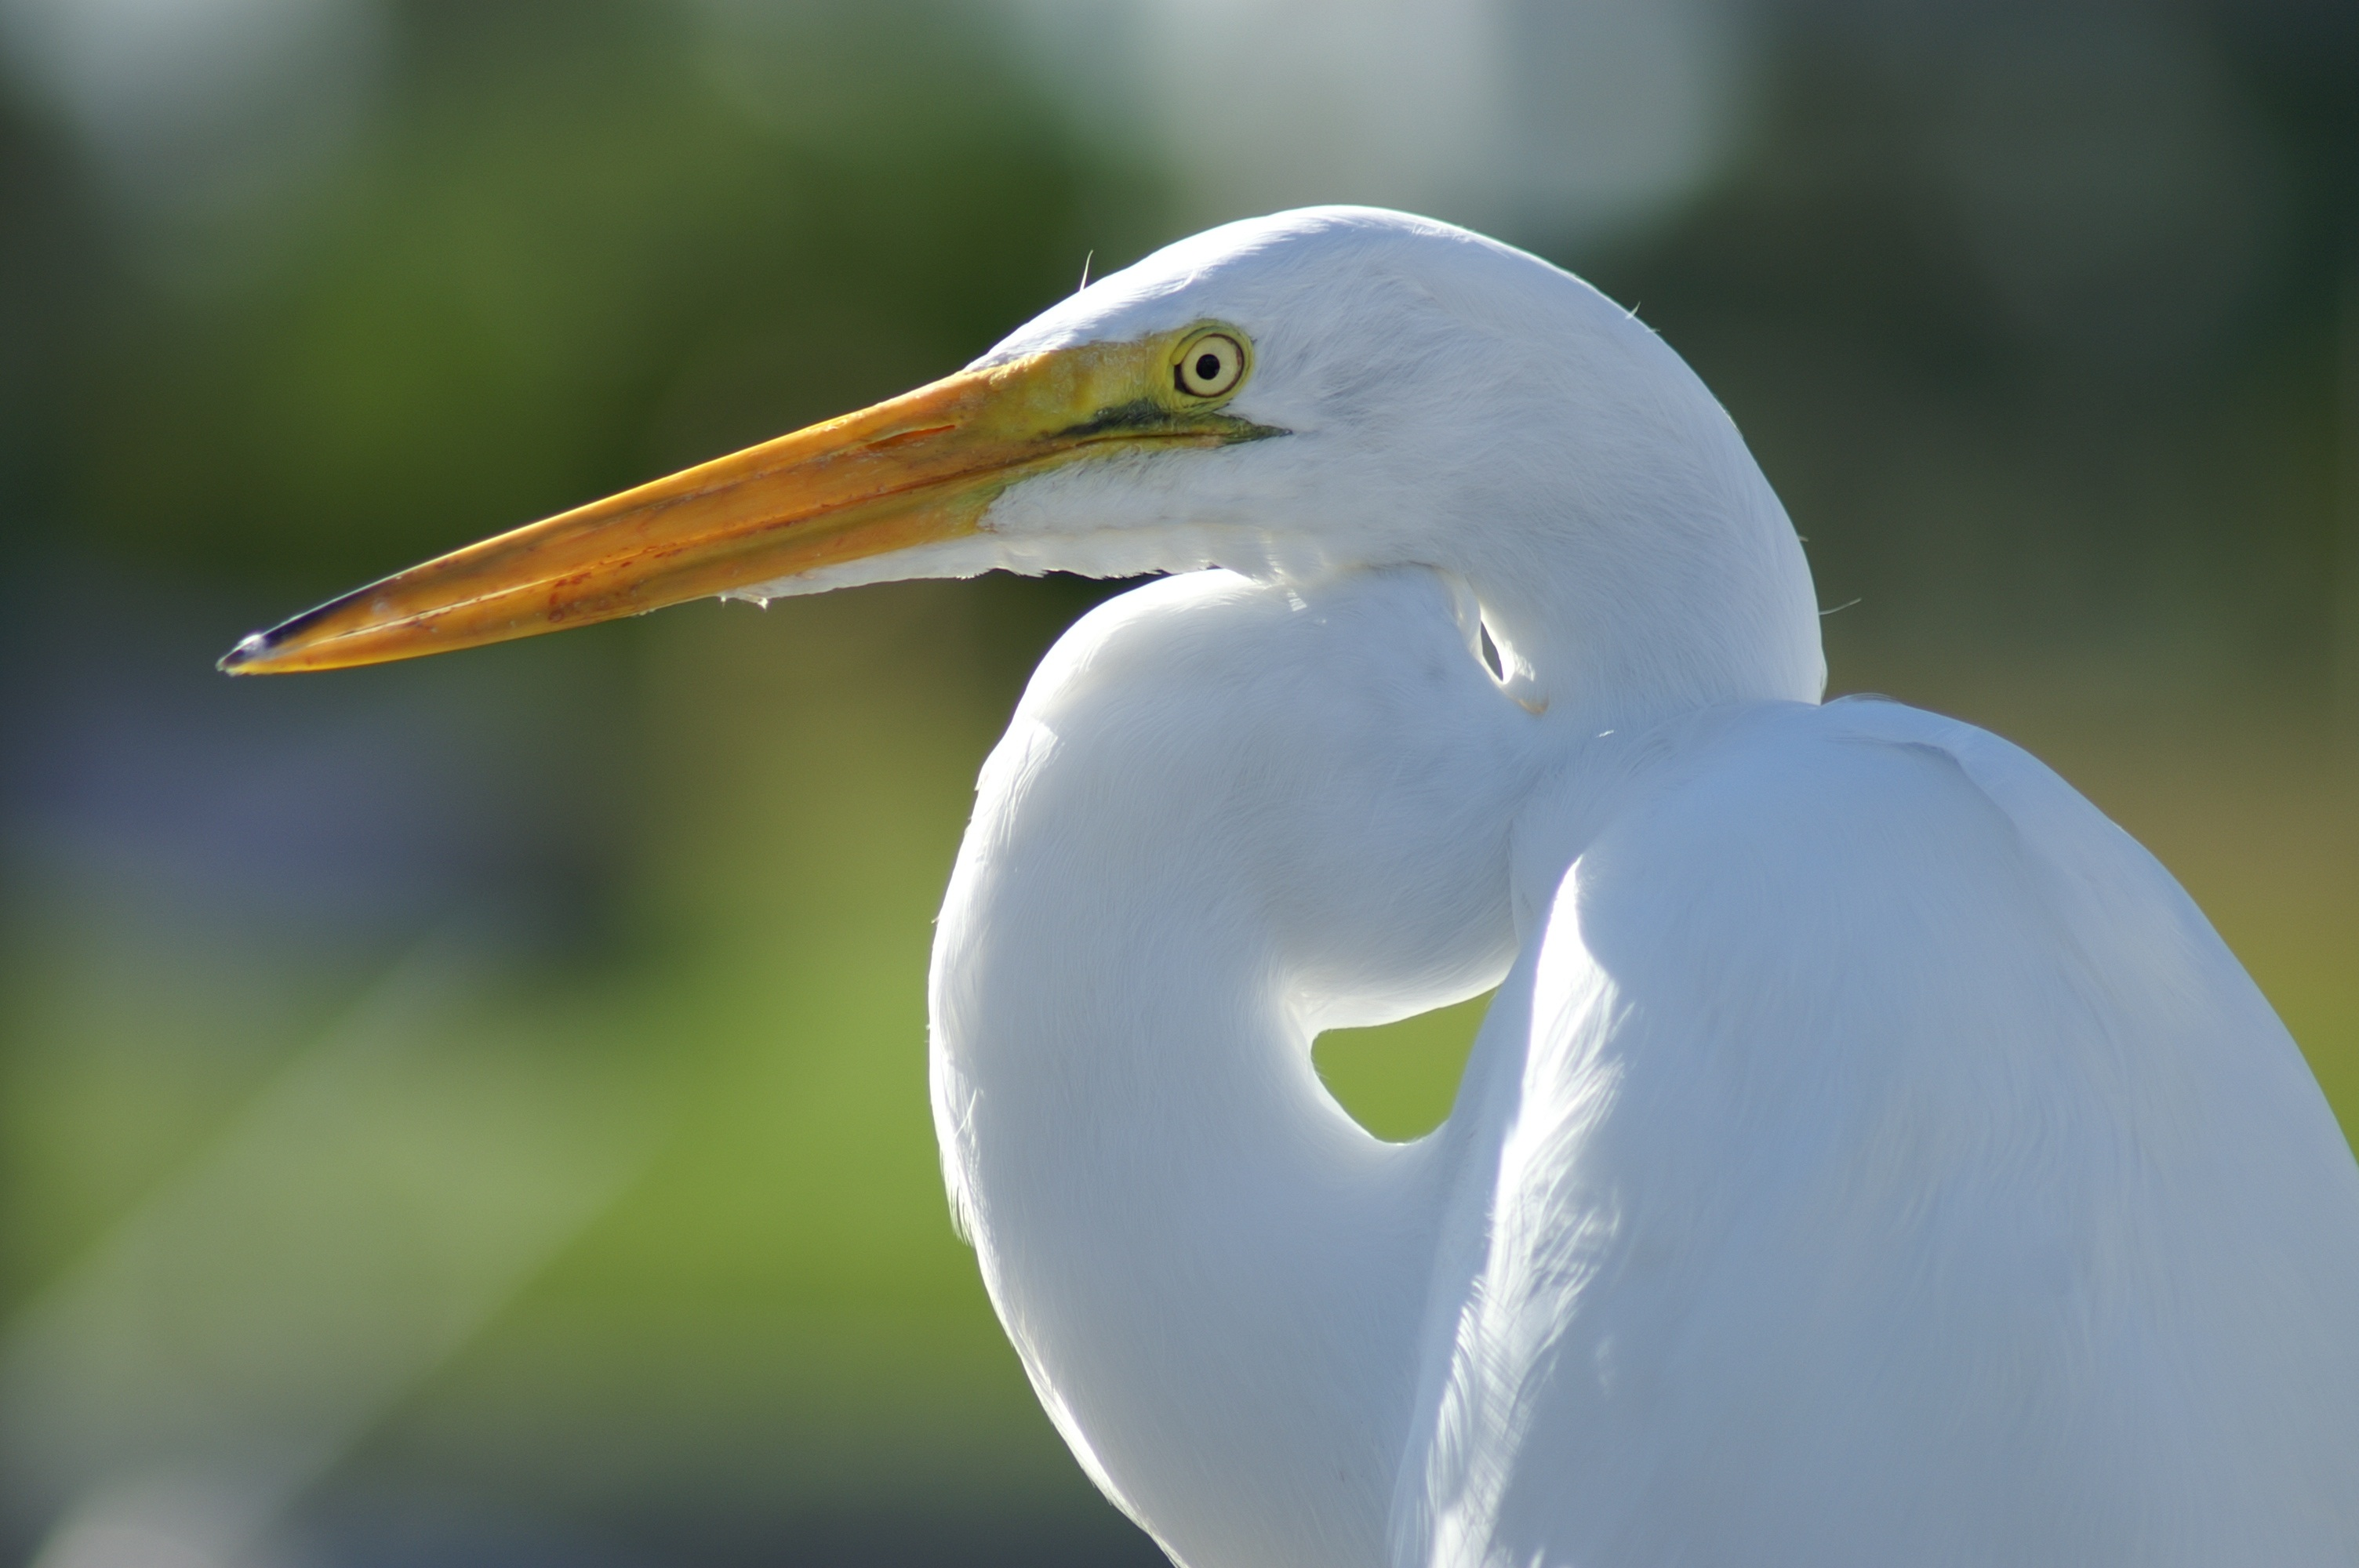 white crane bird free